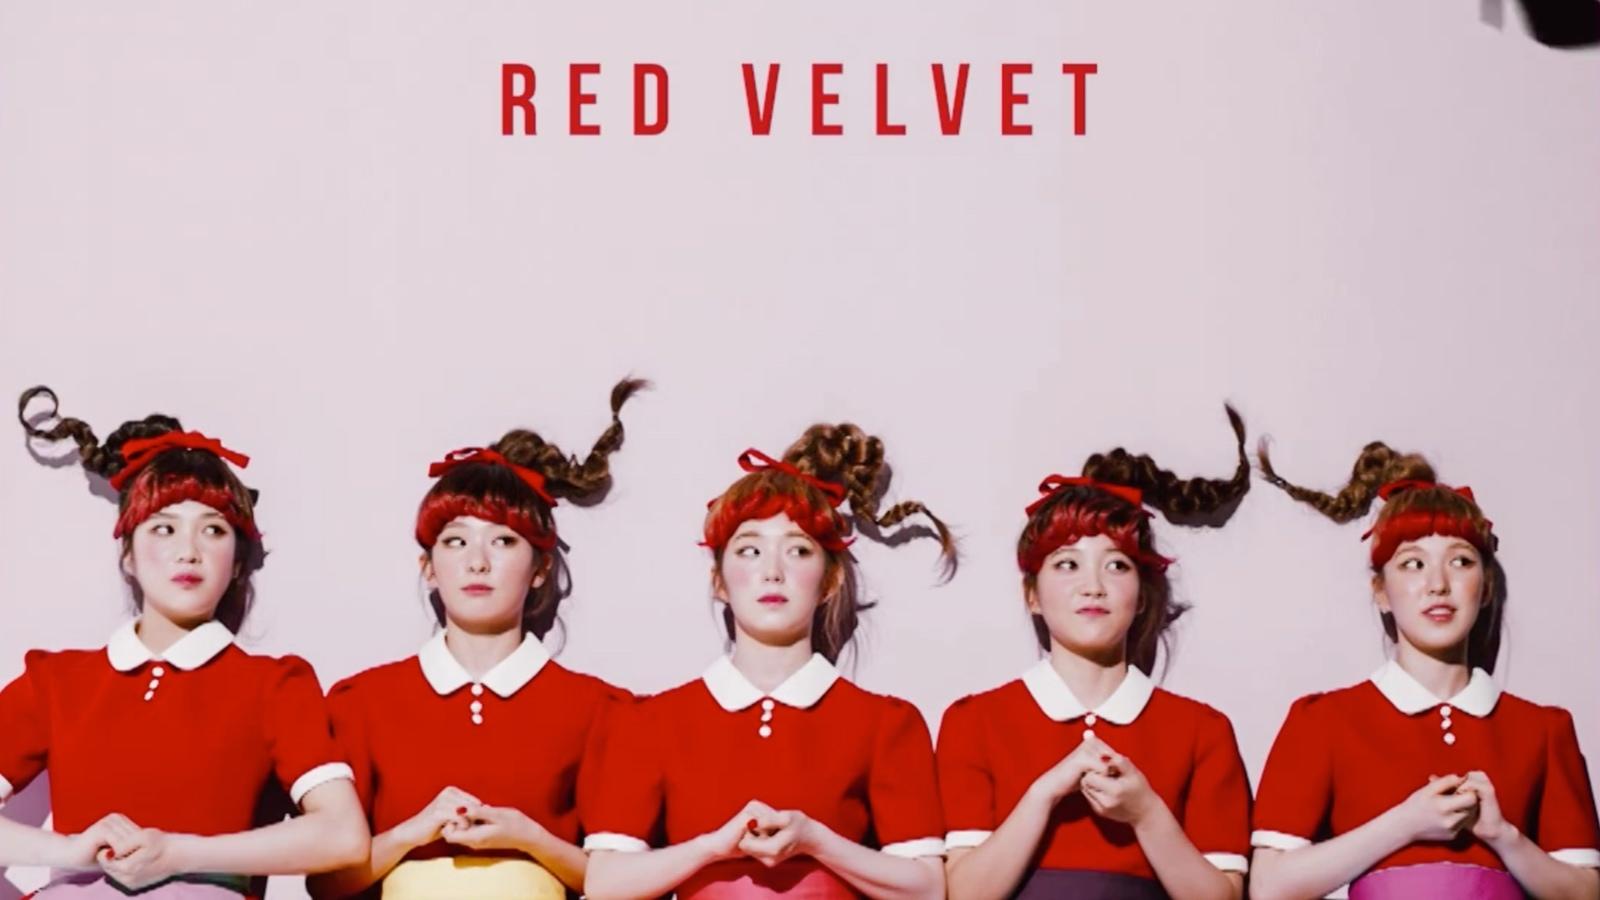 Red Velvet Wallpaper 41534 Asiachan Kpop Image Board